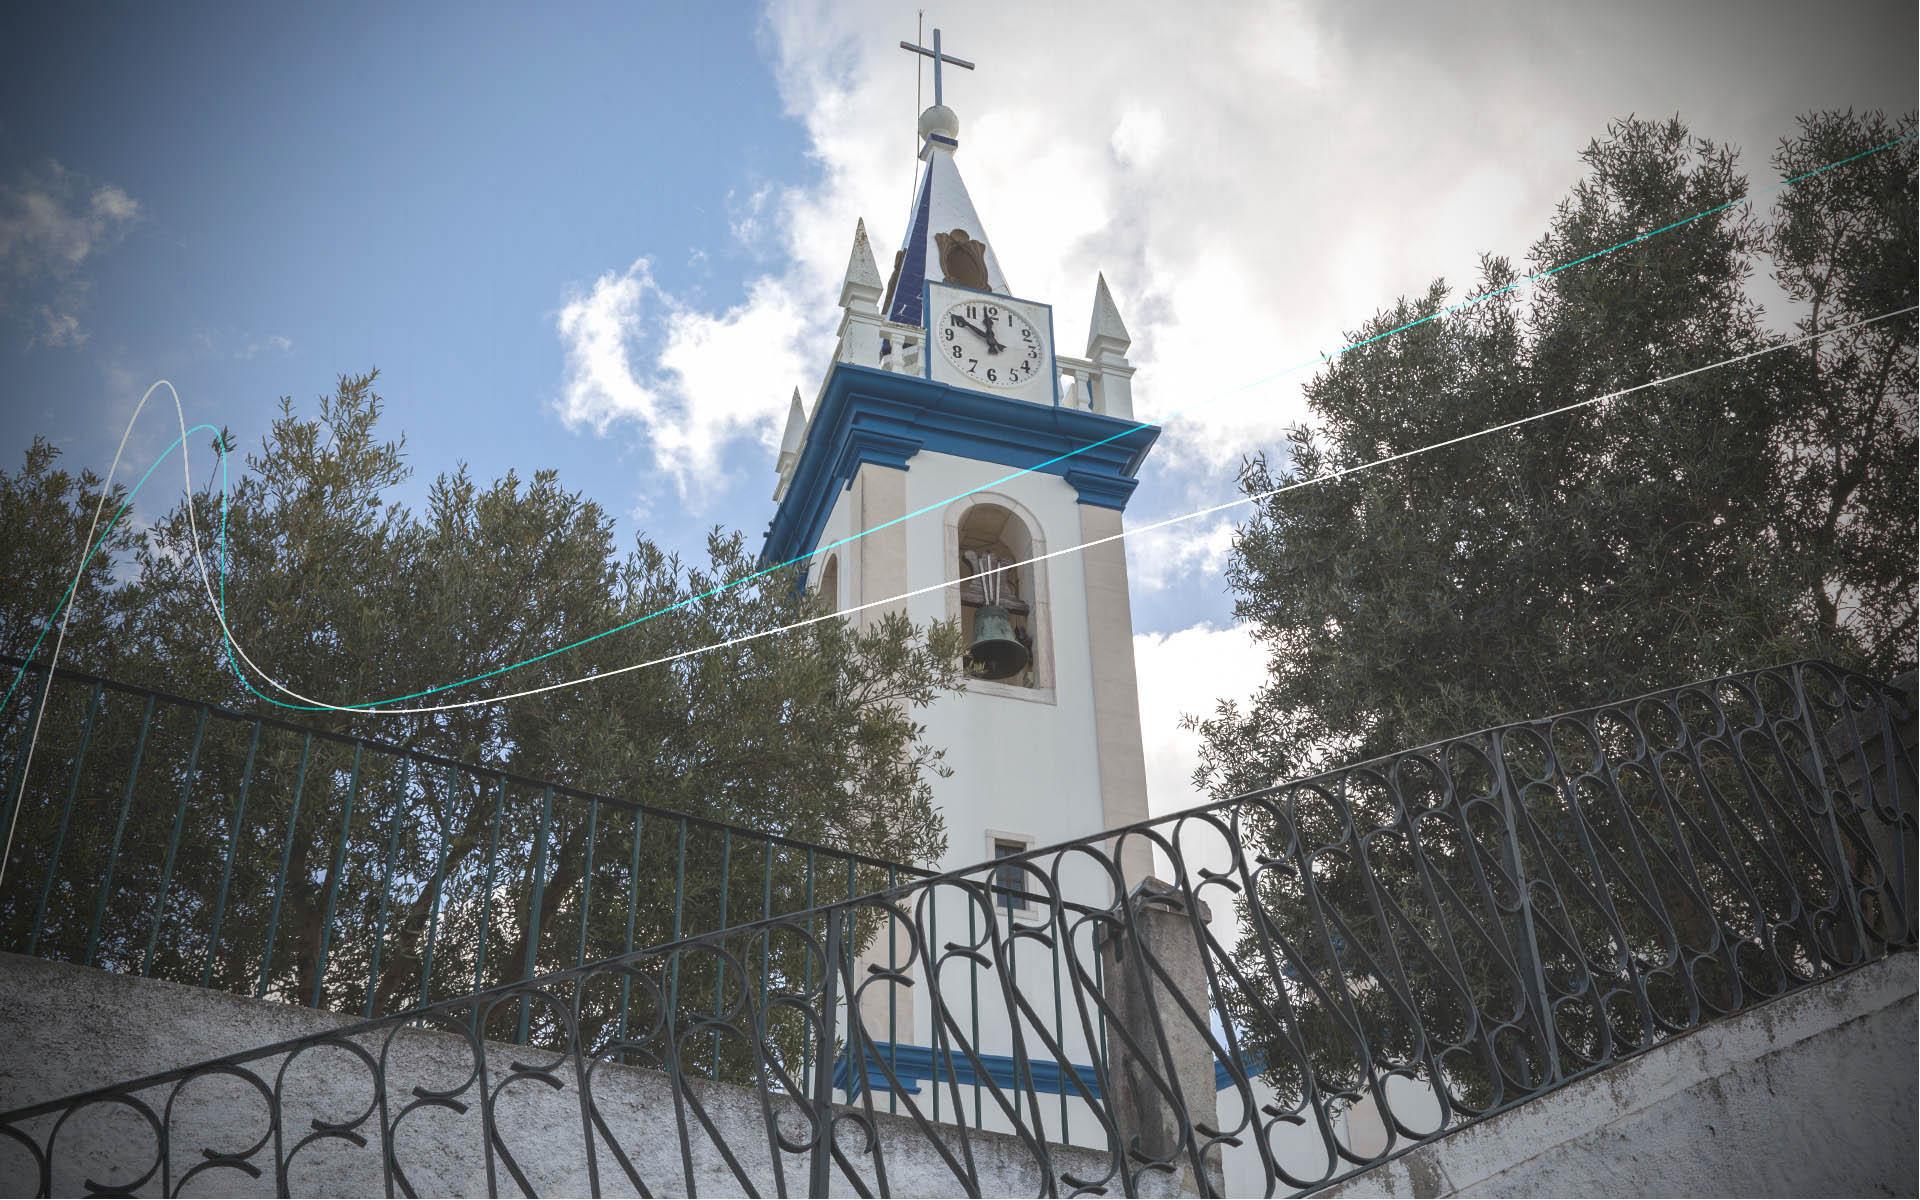 Igreja de A-dos-Cunhados